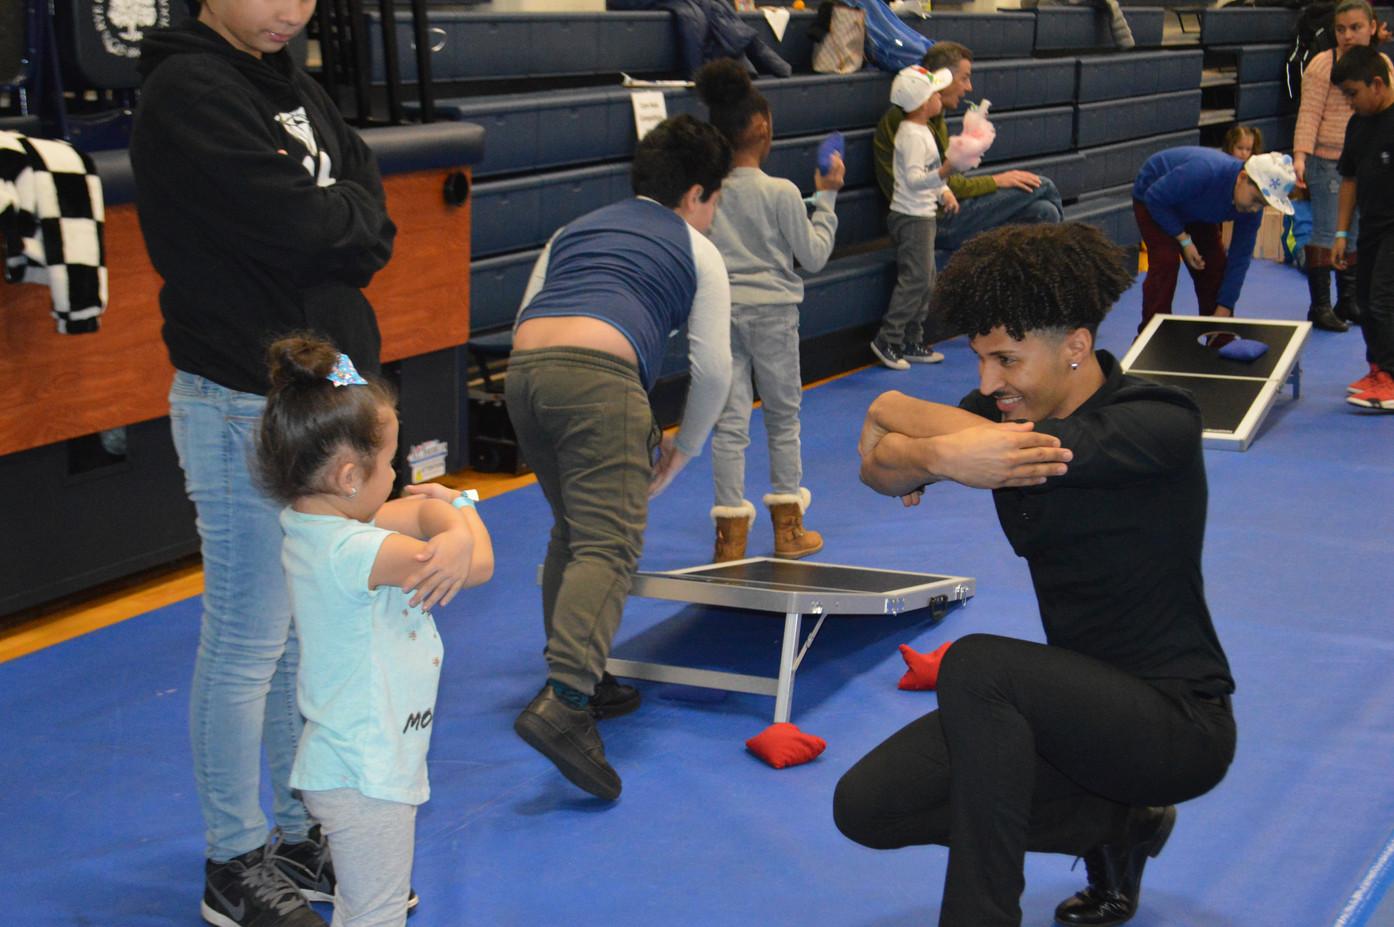 Motivational-Dancer-With-Little-Girl.JPG